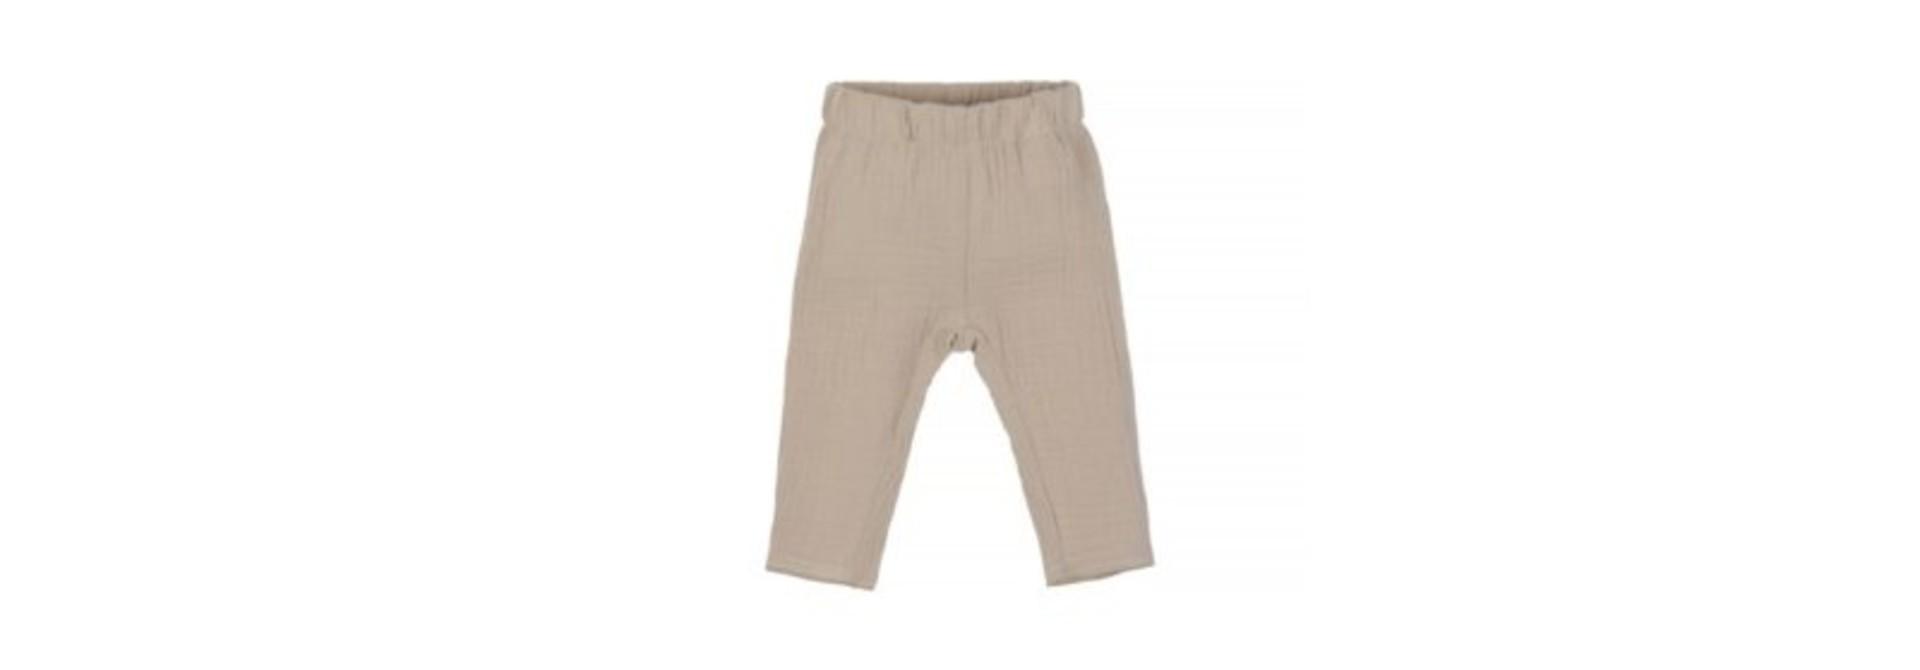 Baby mousseline pants - naturel